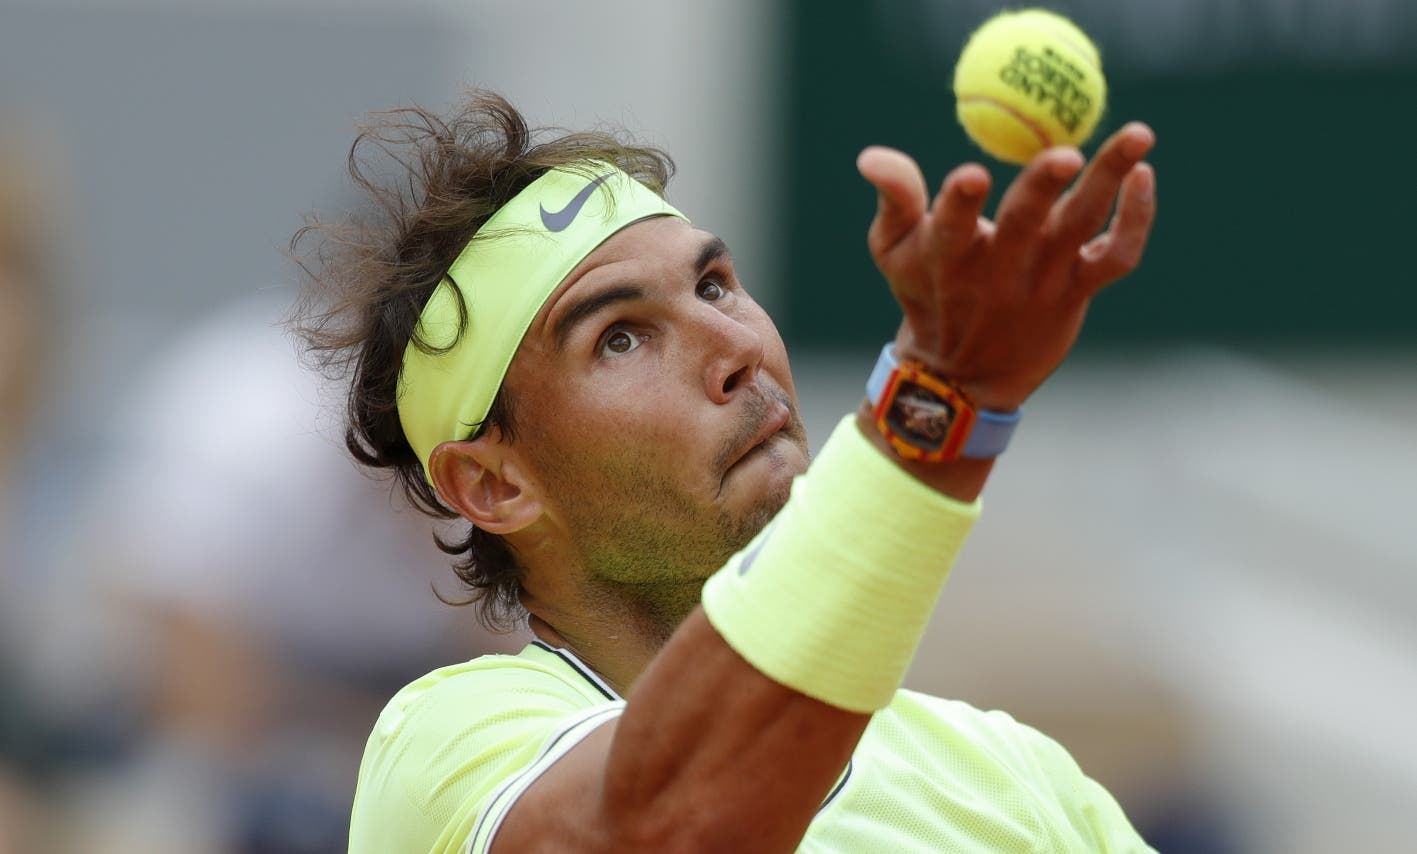 Nadal completa el último entrenamiento de la semana con vistas a Wimbledon